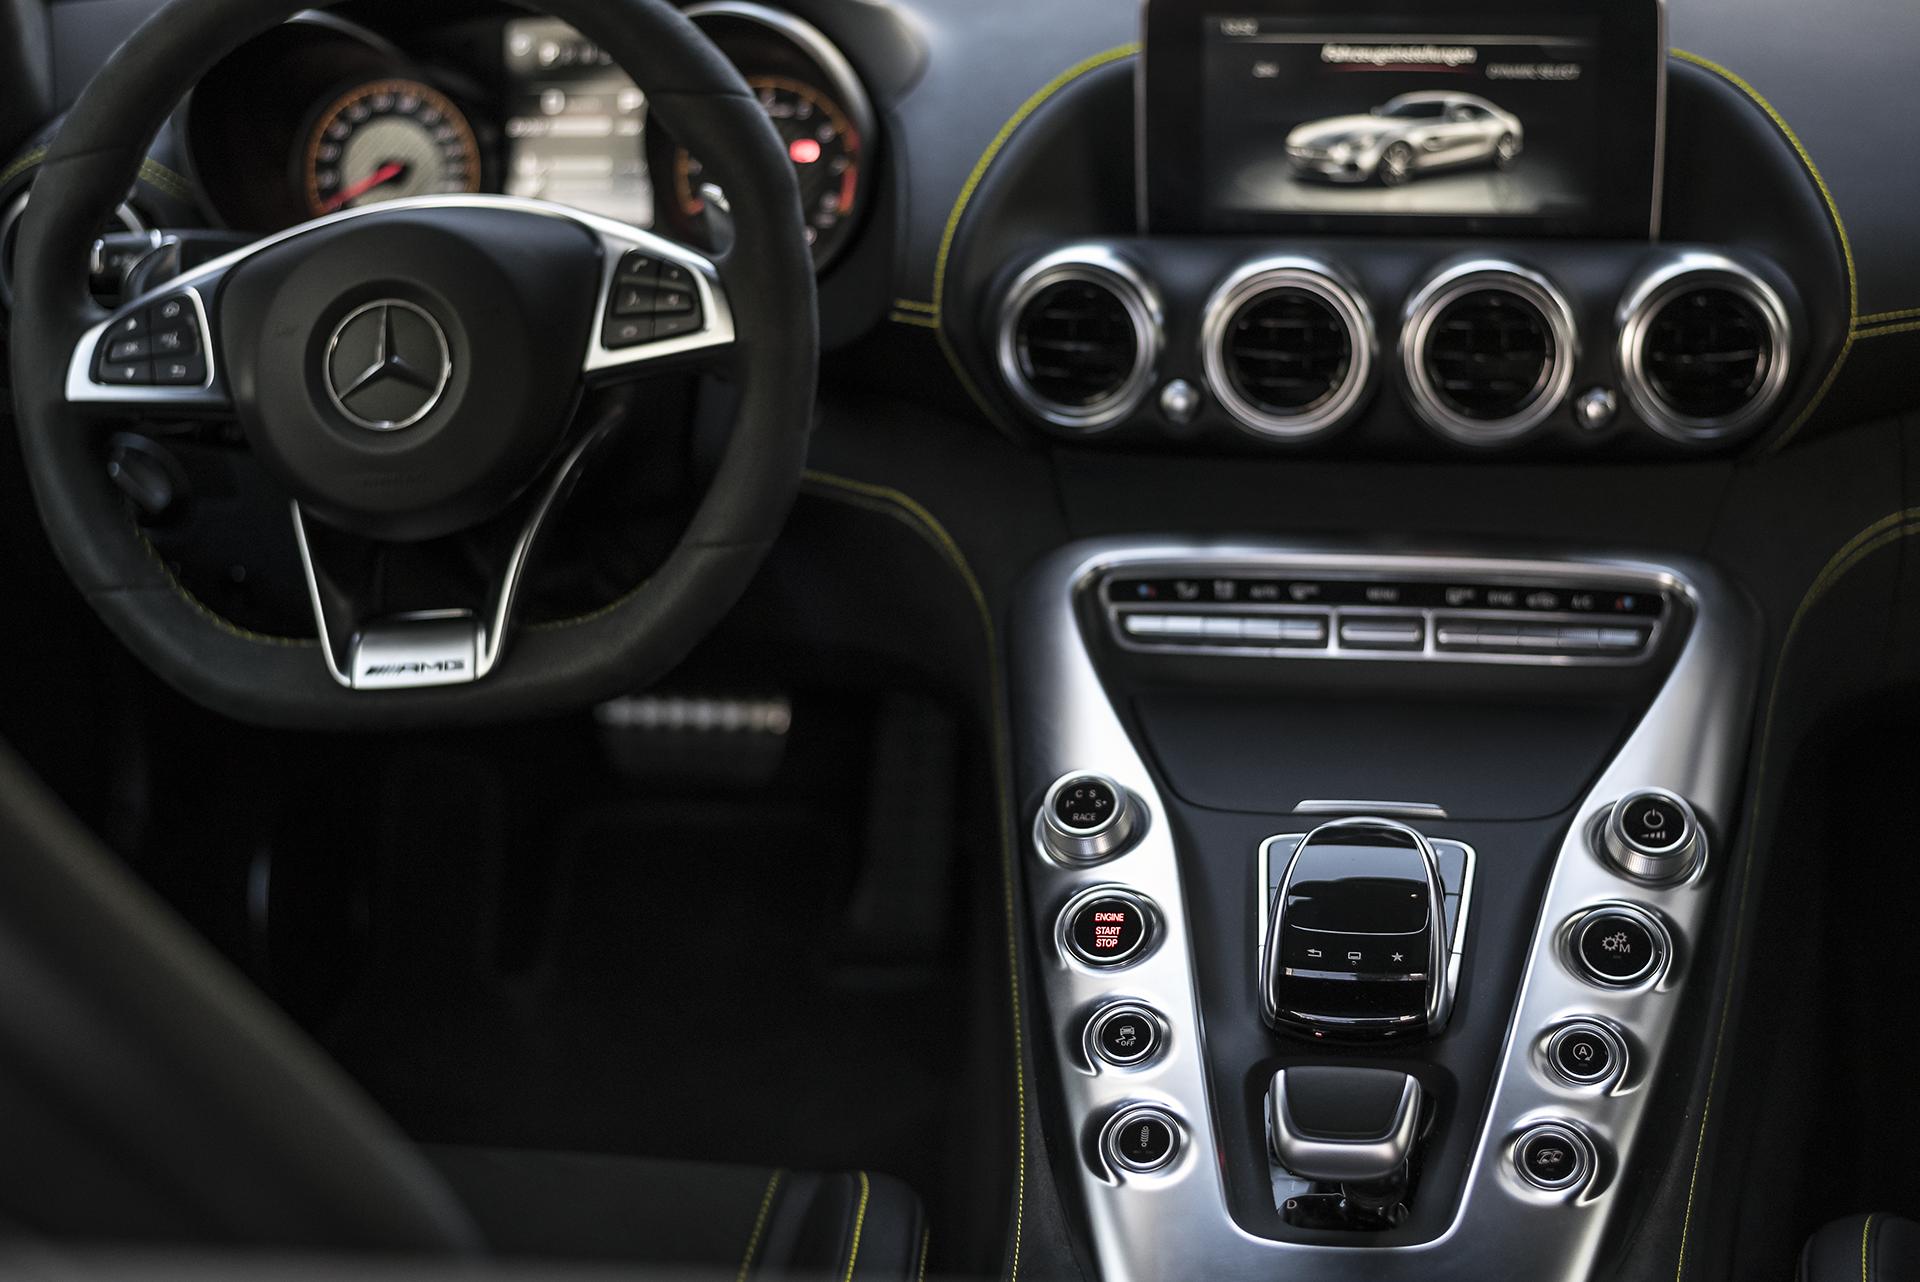 B+K_Sportwagen_Rheinland_GmbH_Mercedes_Benz_AMG_GTS_Silber_37